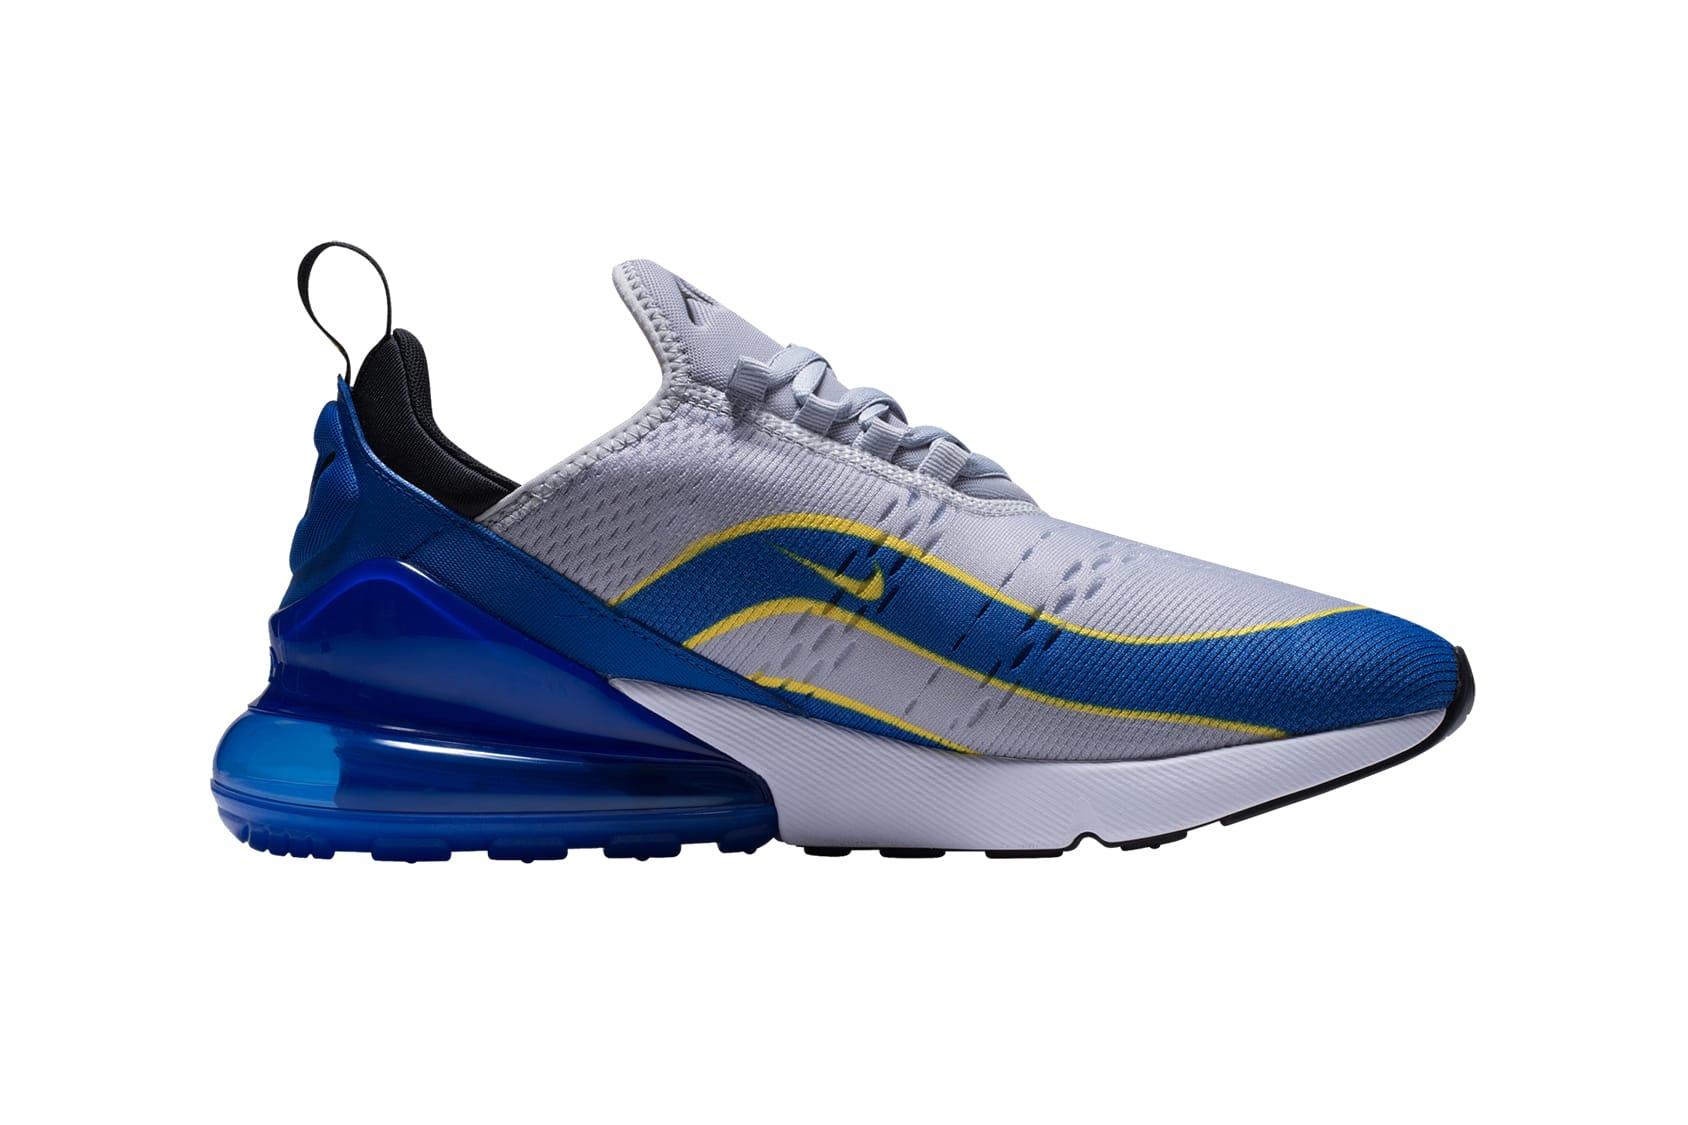 Nike Release Mercurial-Inspired Air Max